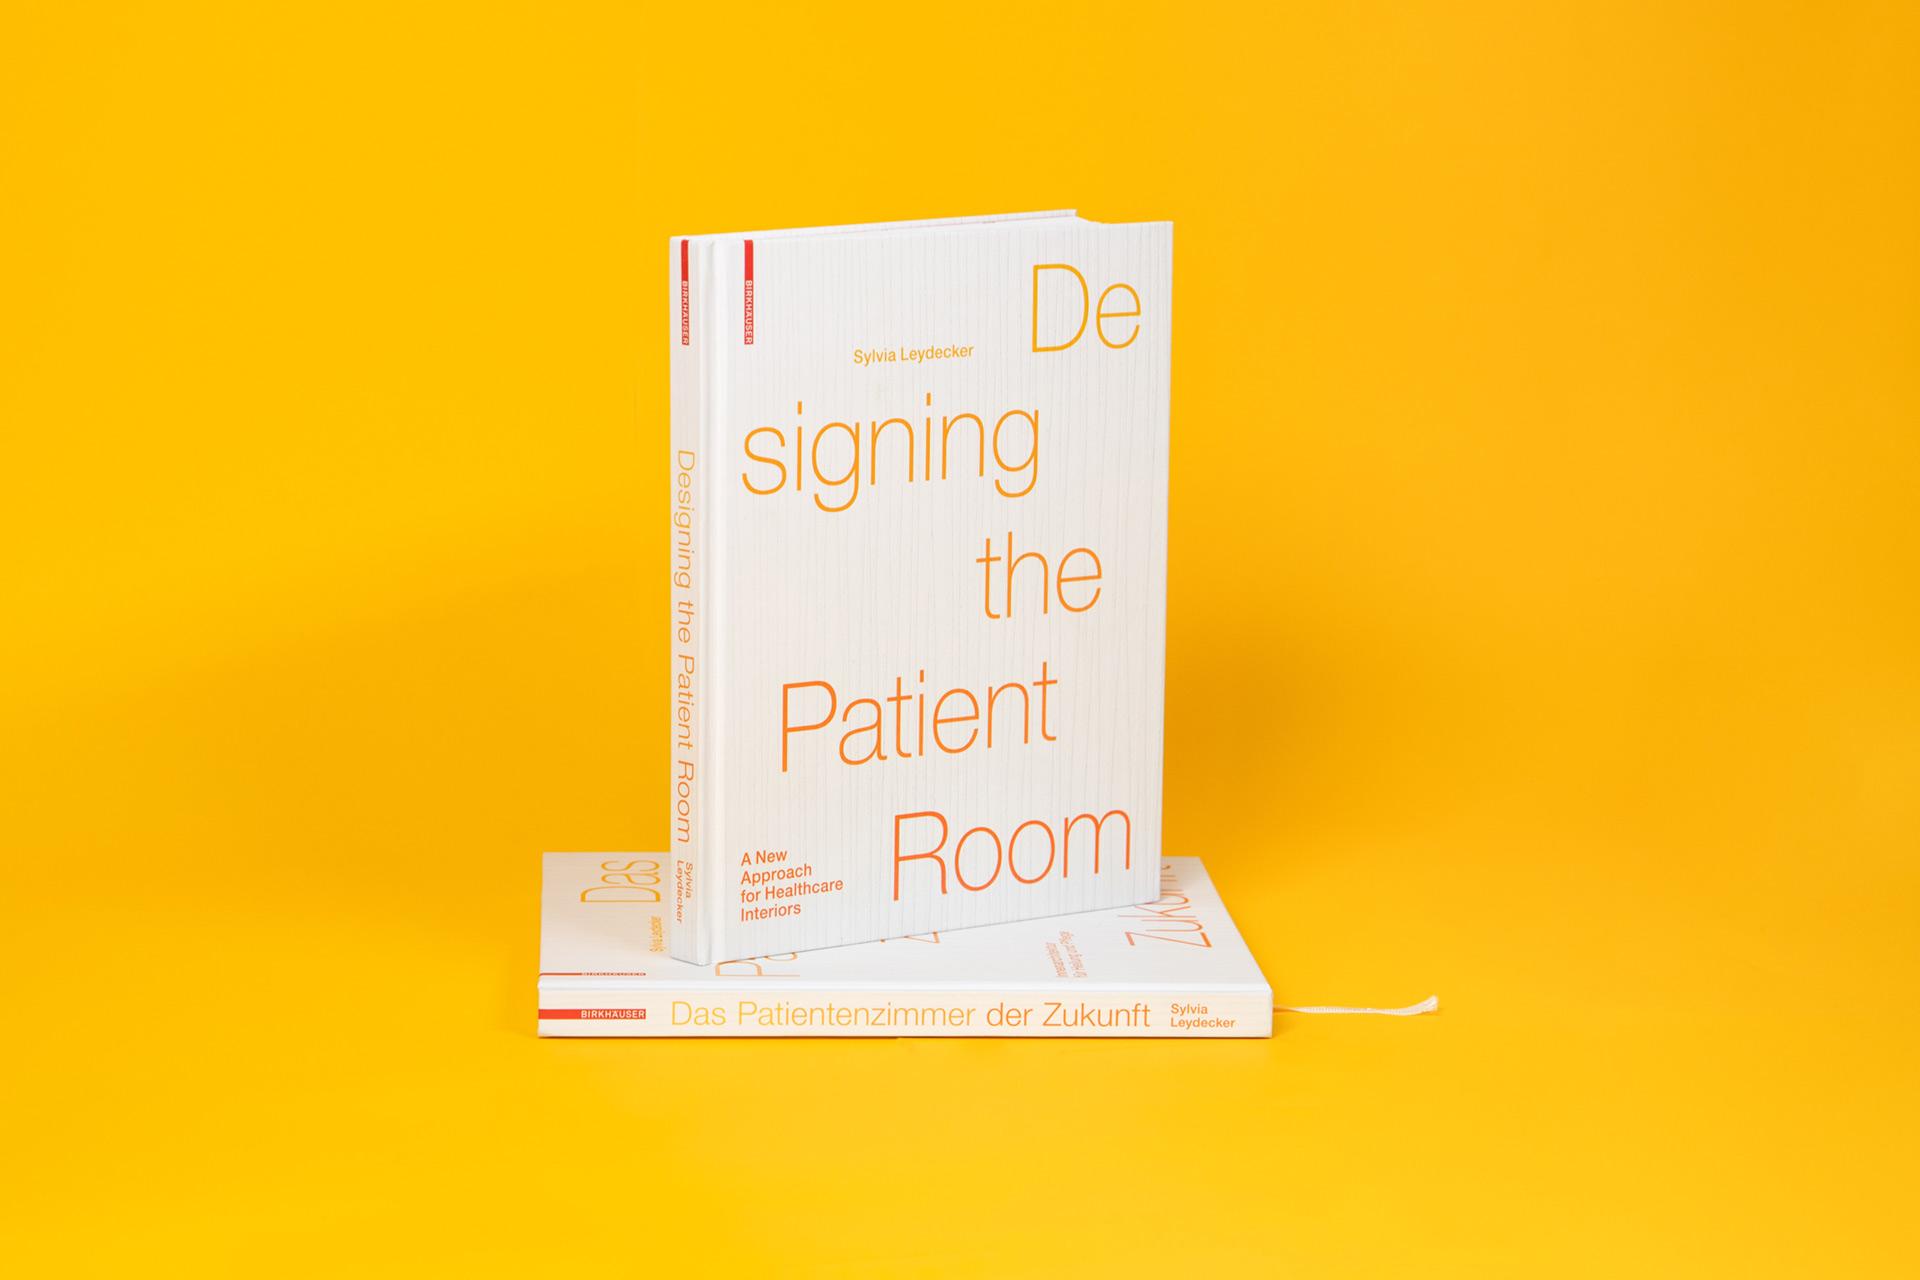 patientzimmer-6.jpg